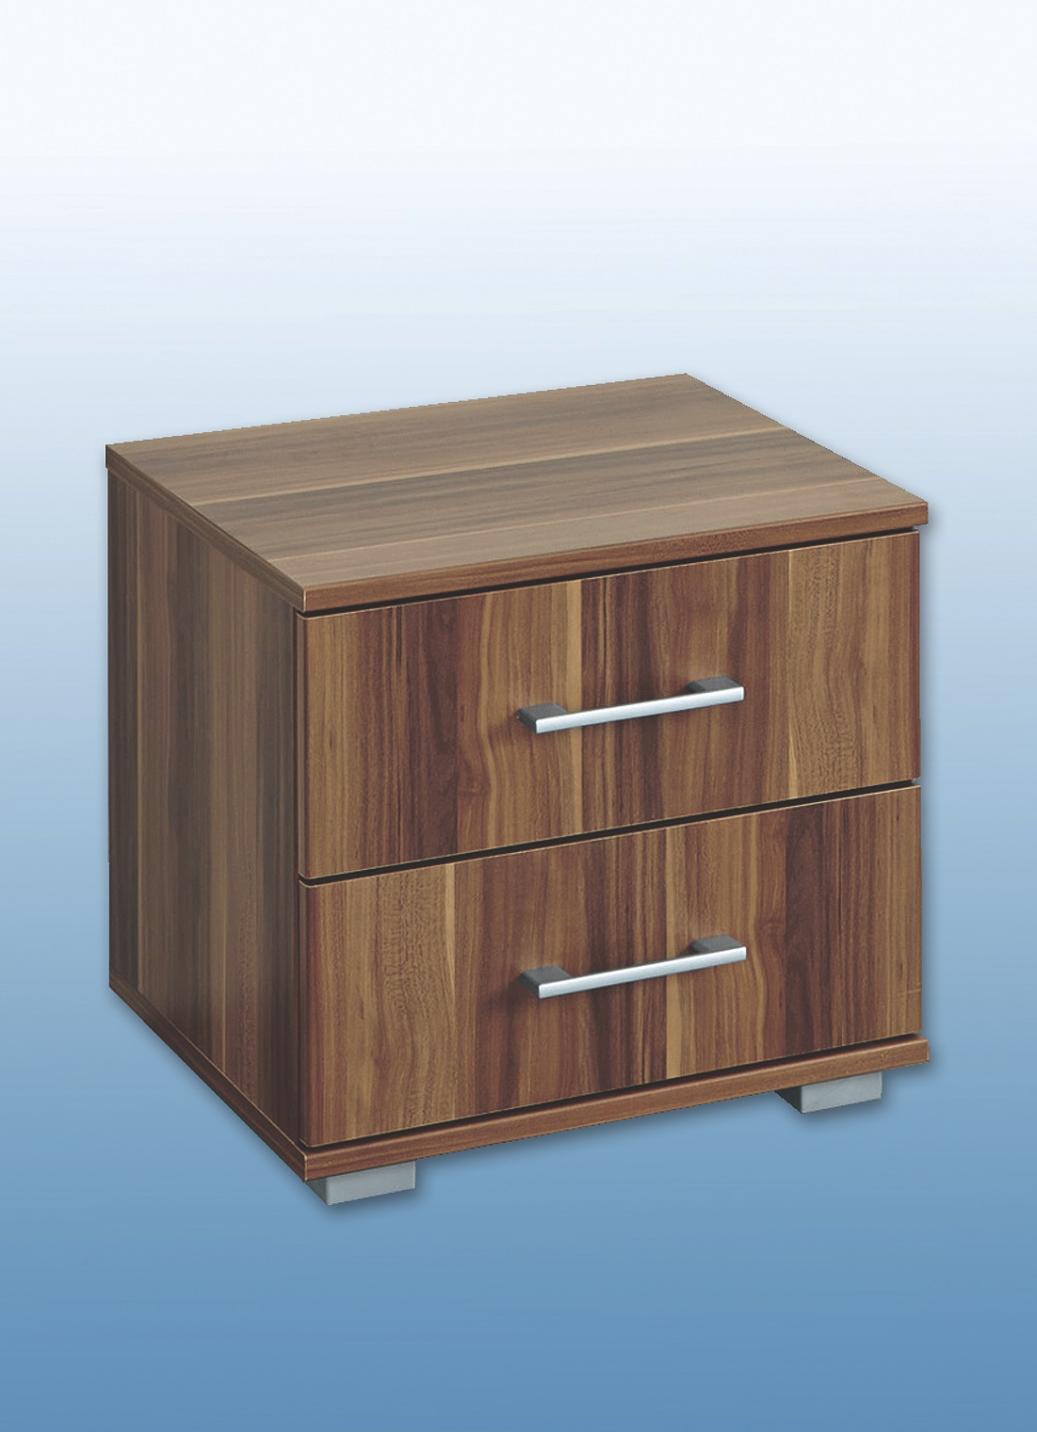 Nachtkonsole in verschiedenen Ausführungen Nachtkonsole mit 3 Schubkästen Nussbaum   Schlafzimmer > Nachttische   Nussbaum   BADER